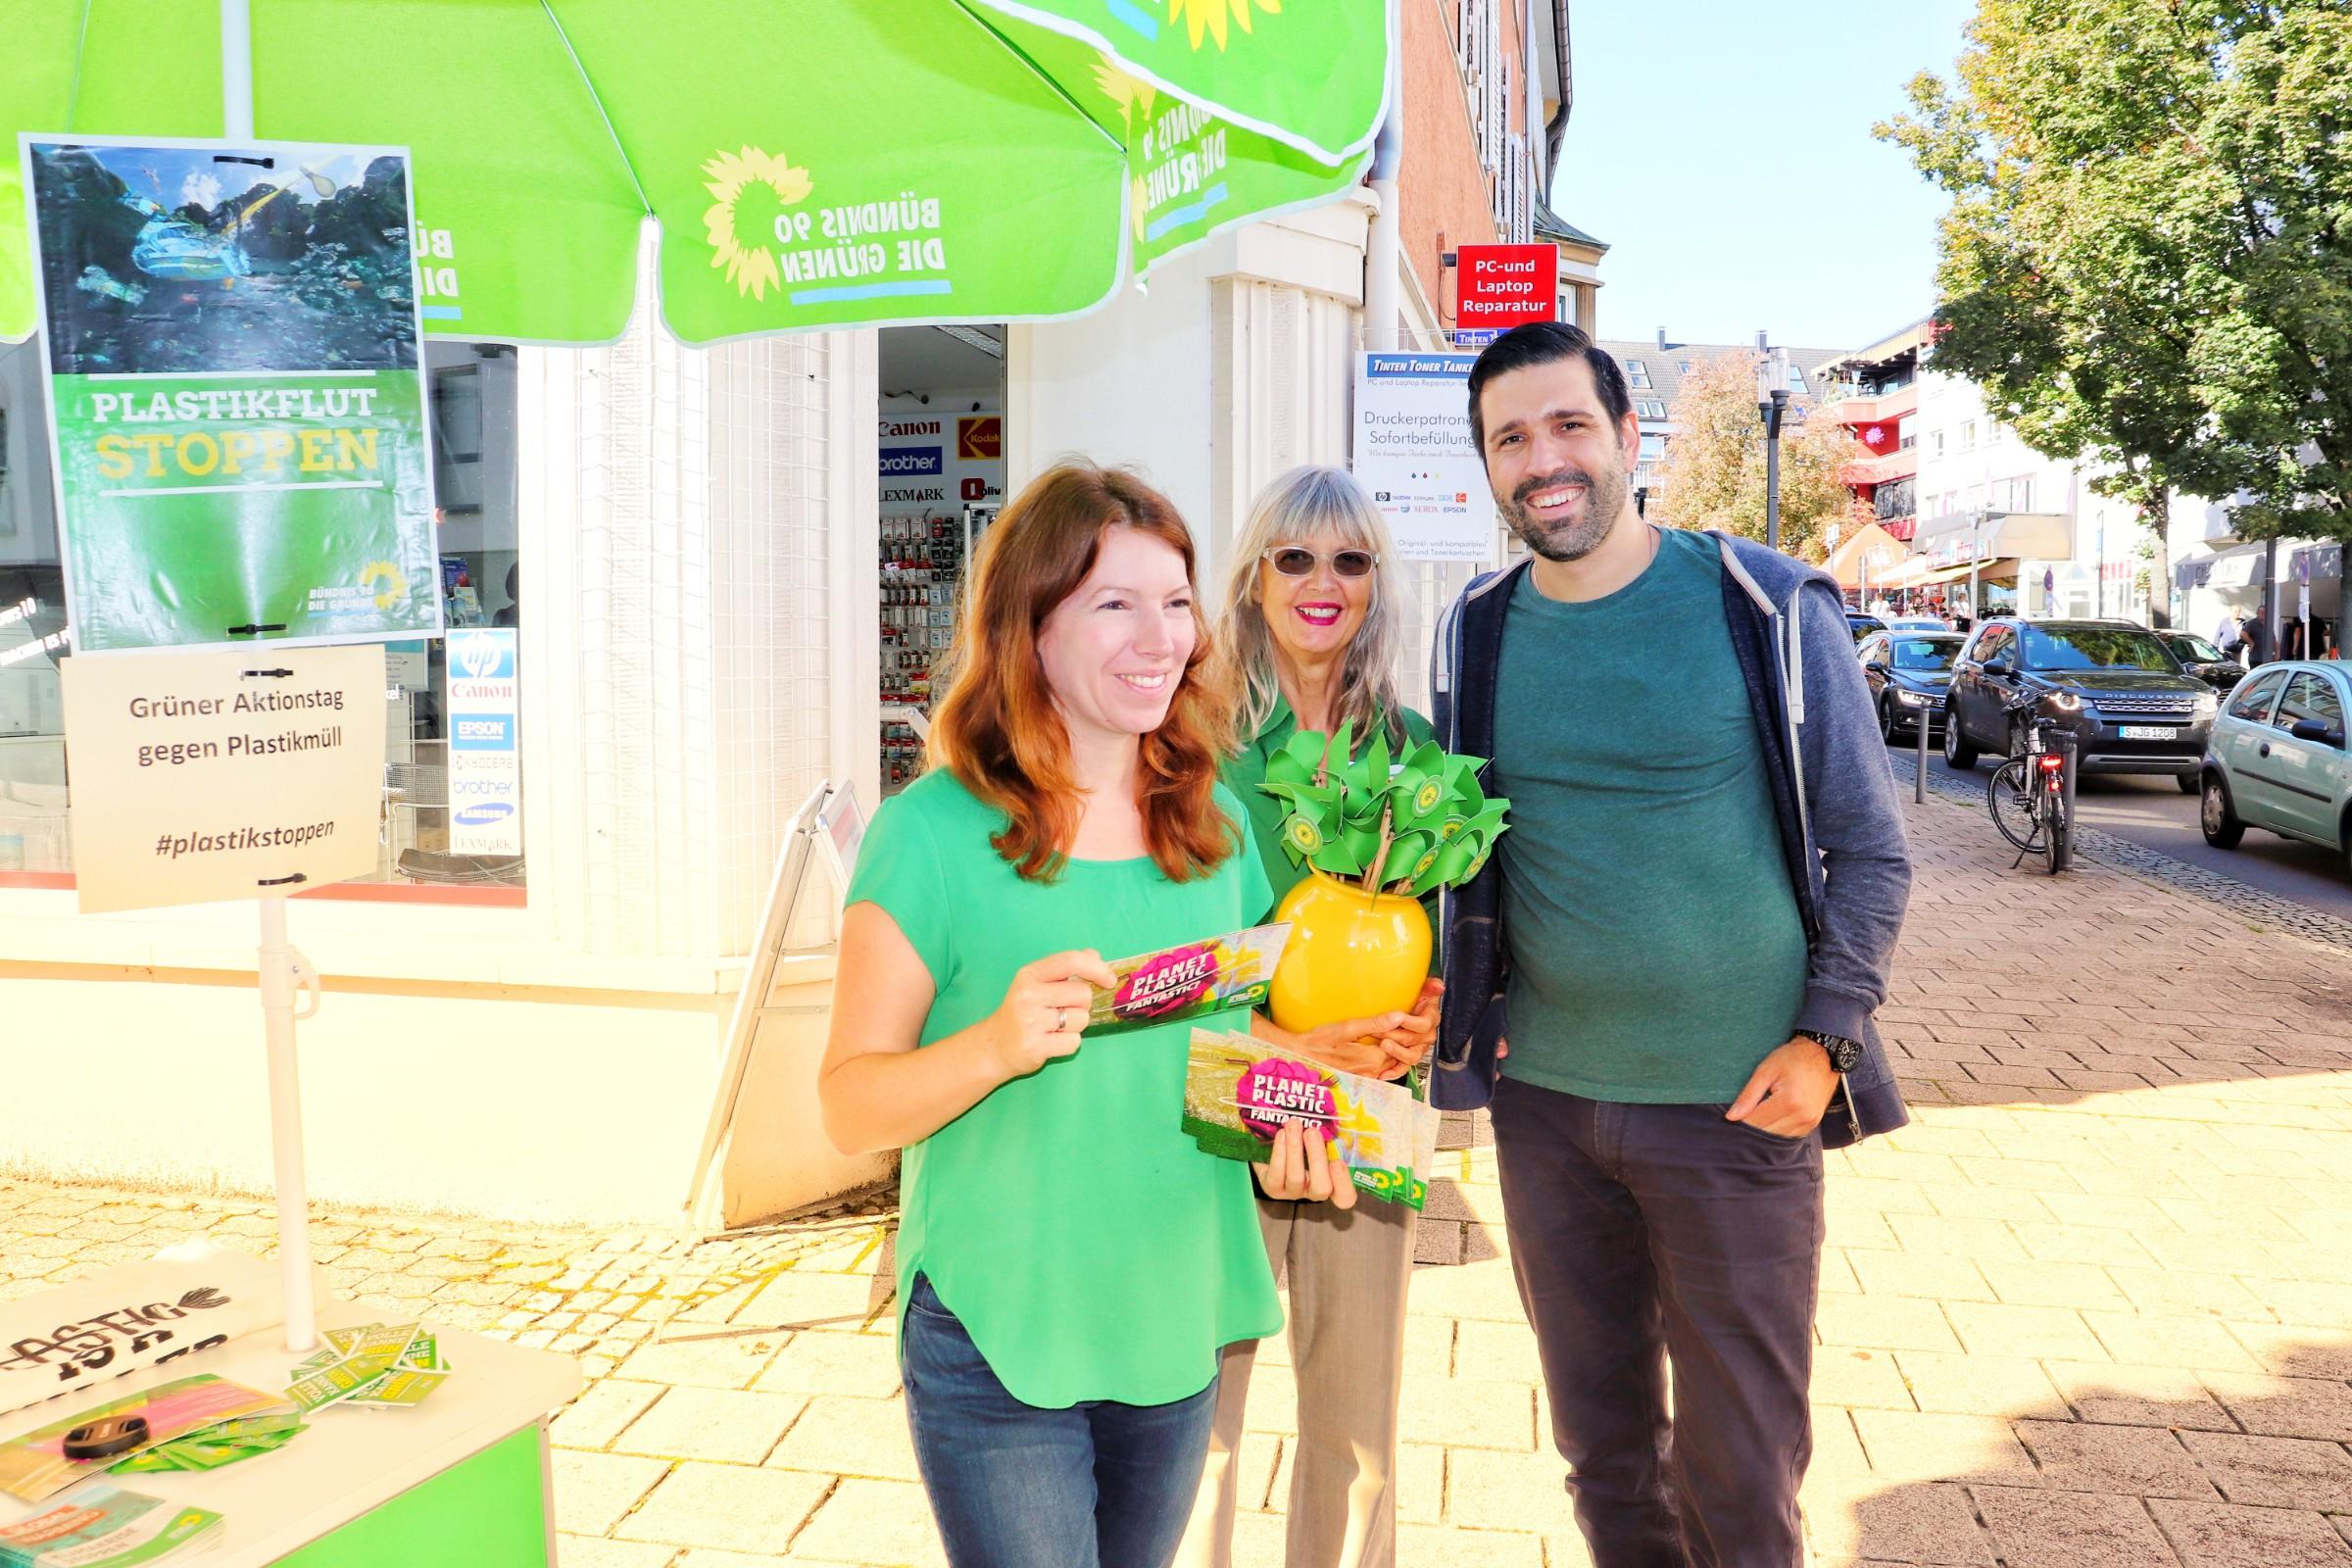 Grüner Aktionstag gegen Plastikmüll in Feuerbach